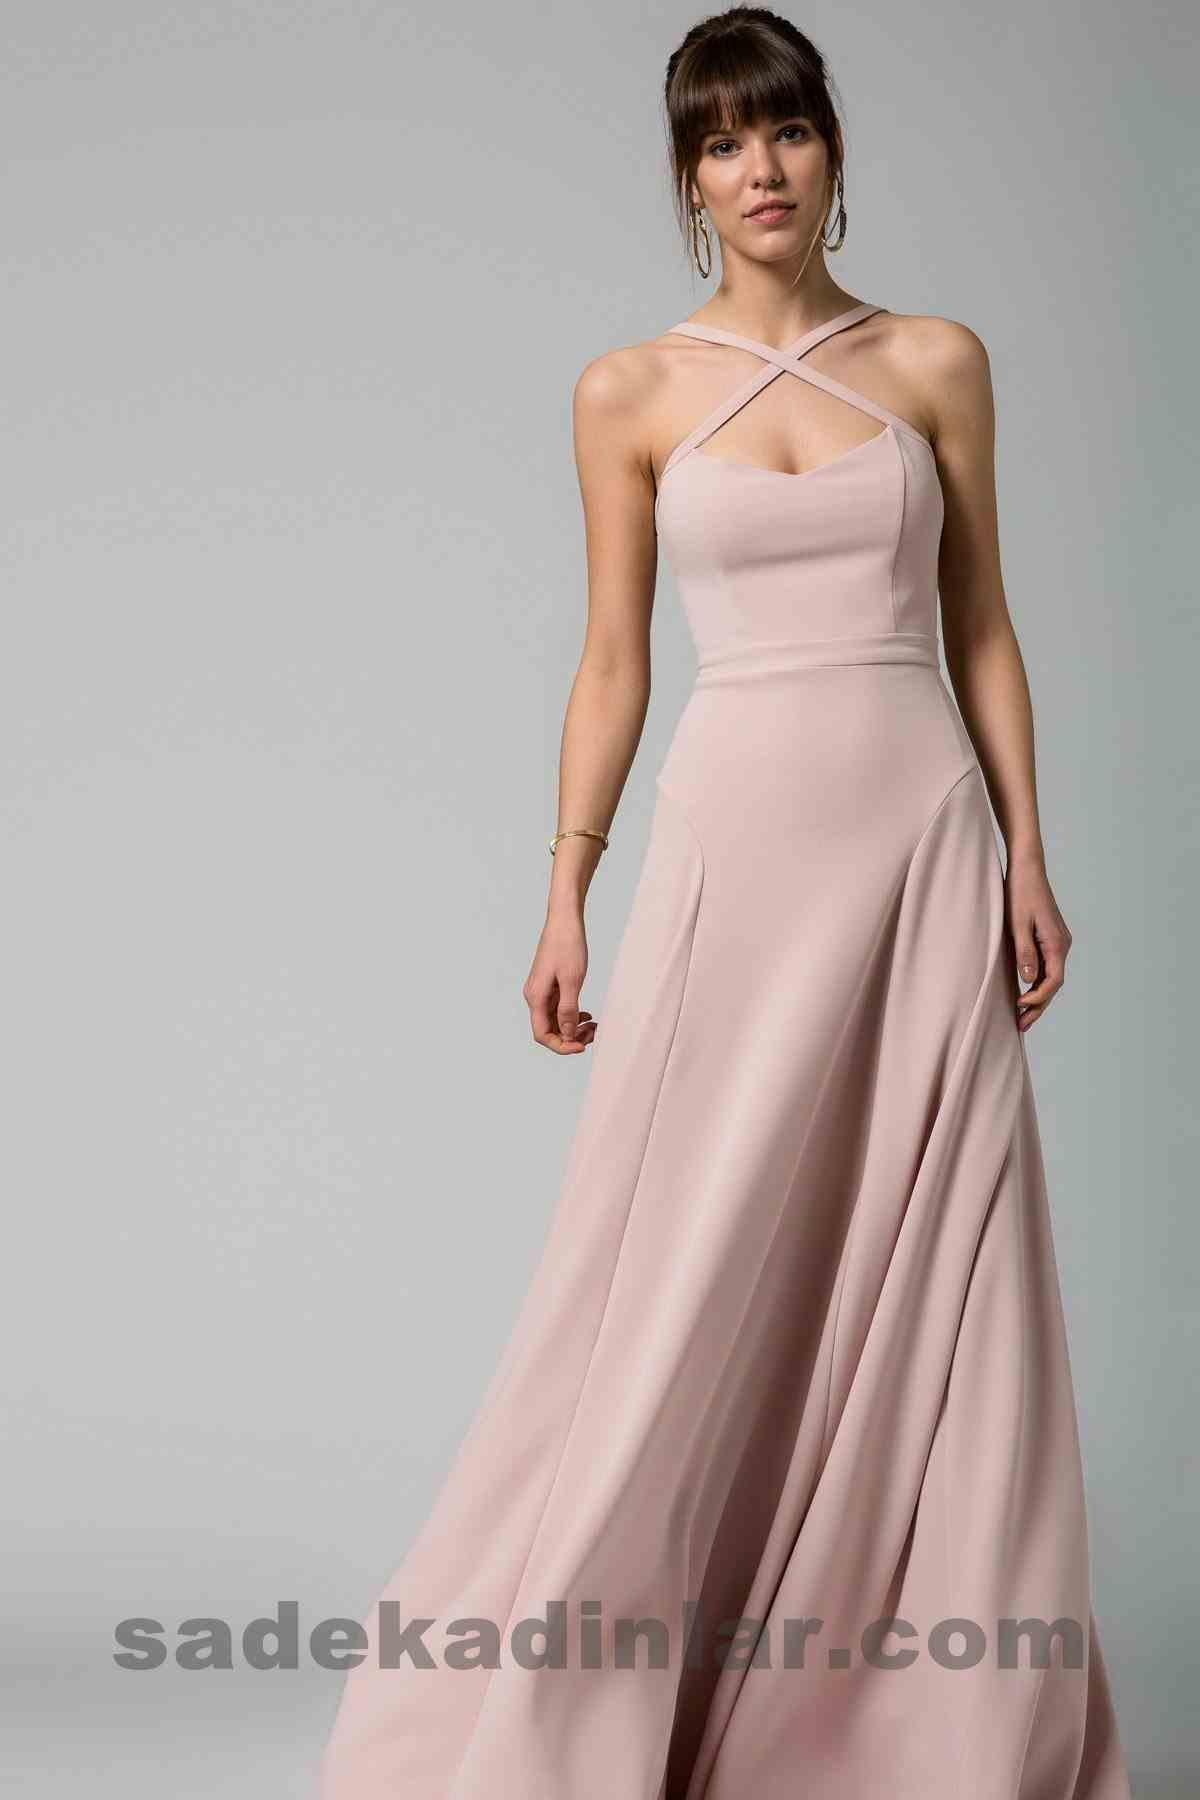 Abiye Elbise Modelleri Şık ve Güzel 2019 Gece Elbiseleri Çapraz Bant Detaylı Pudra Prenses Model